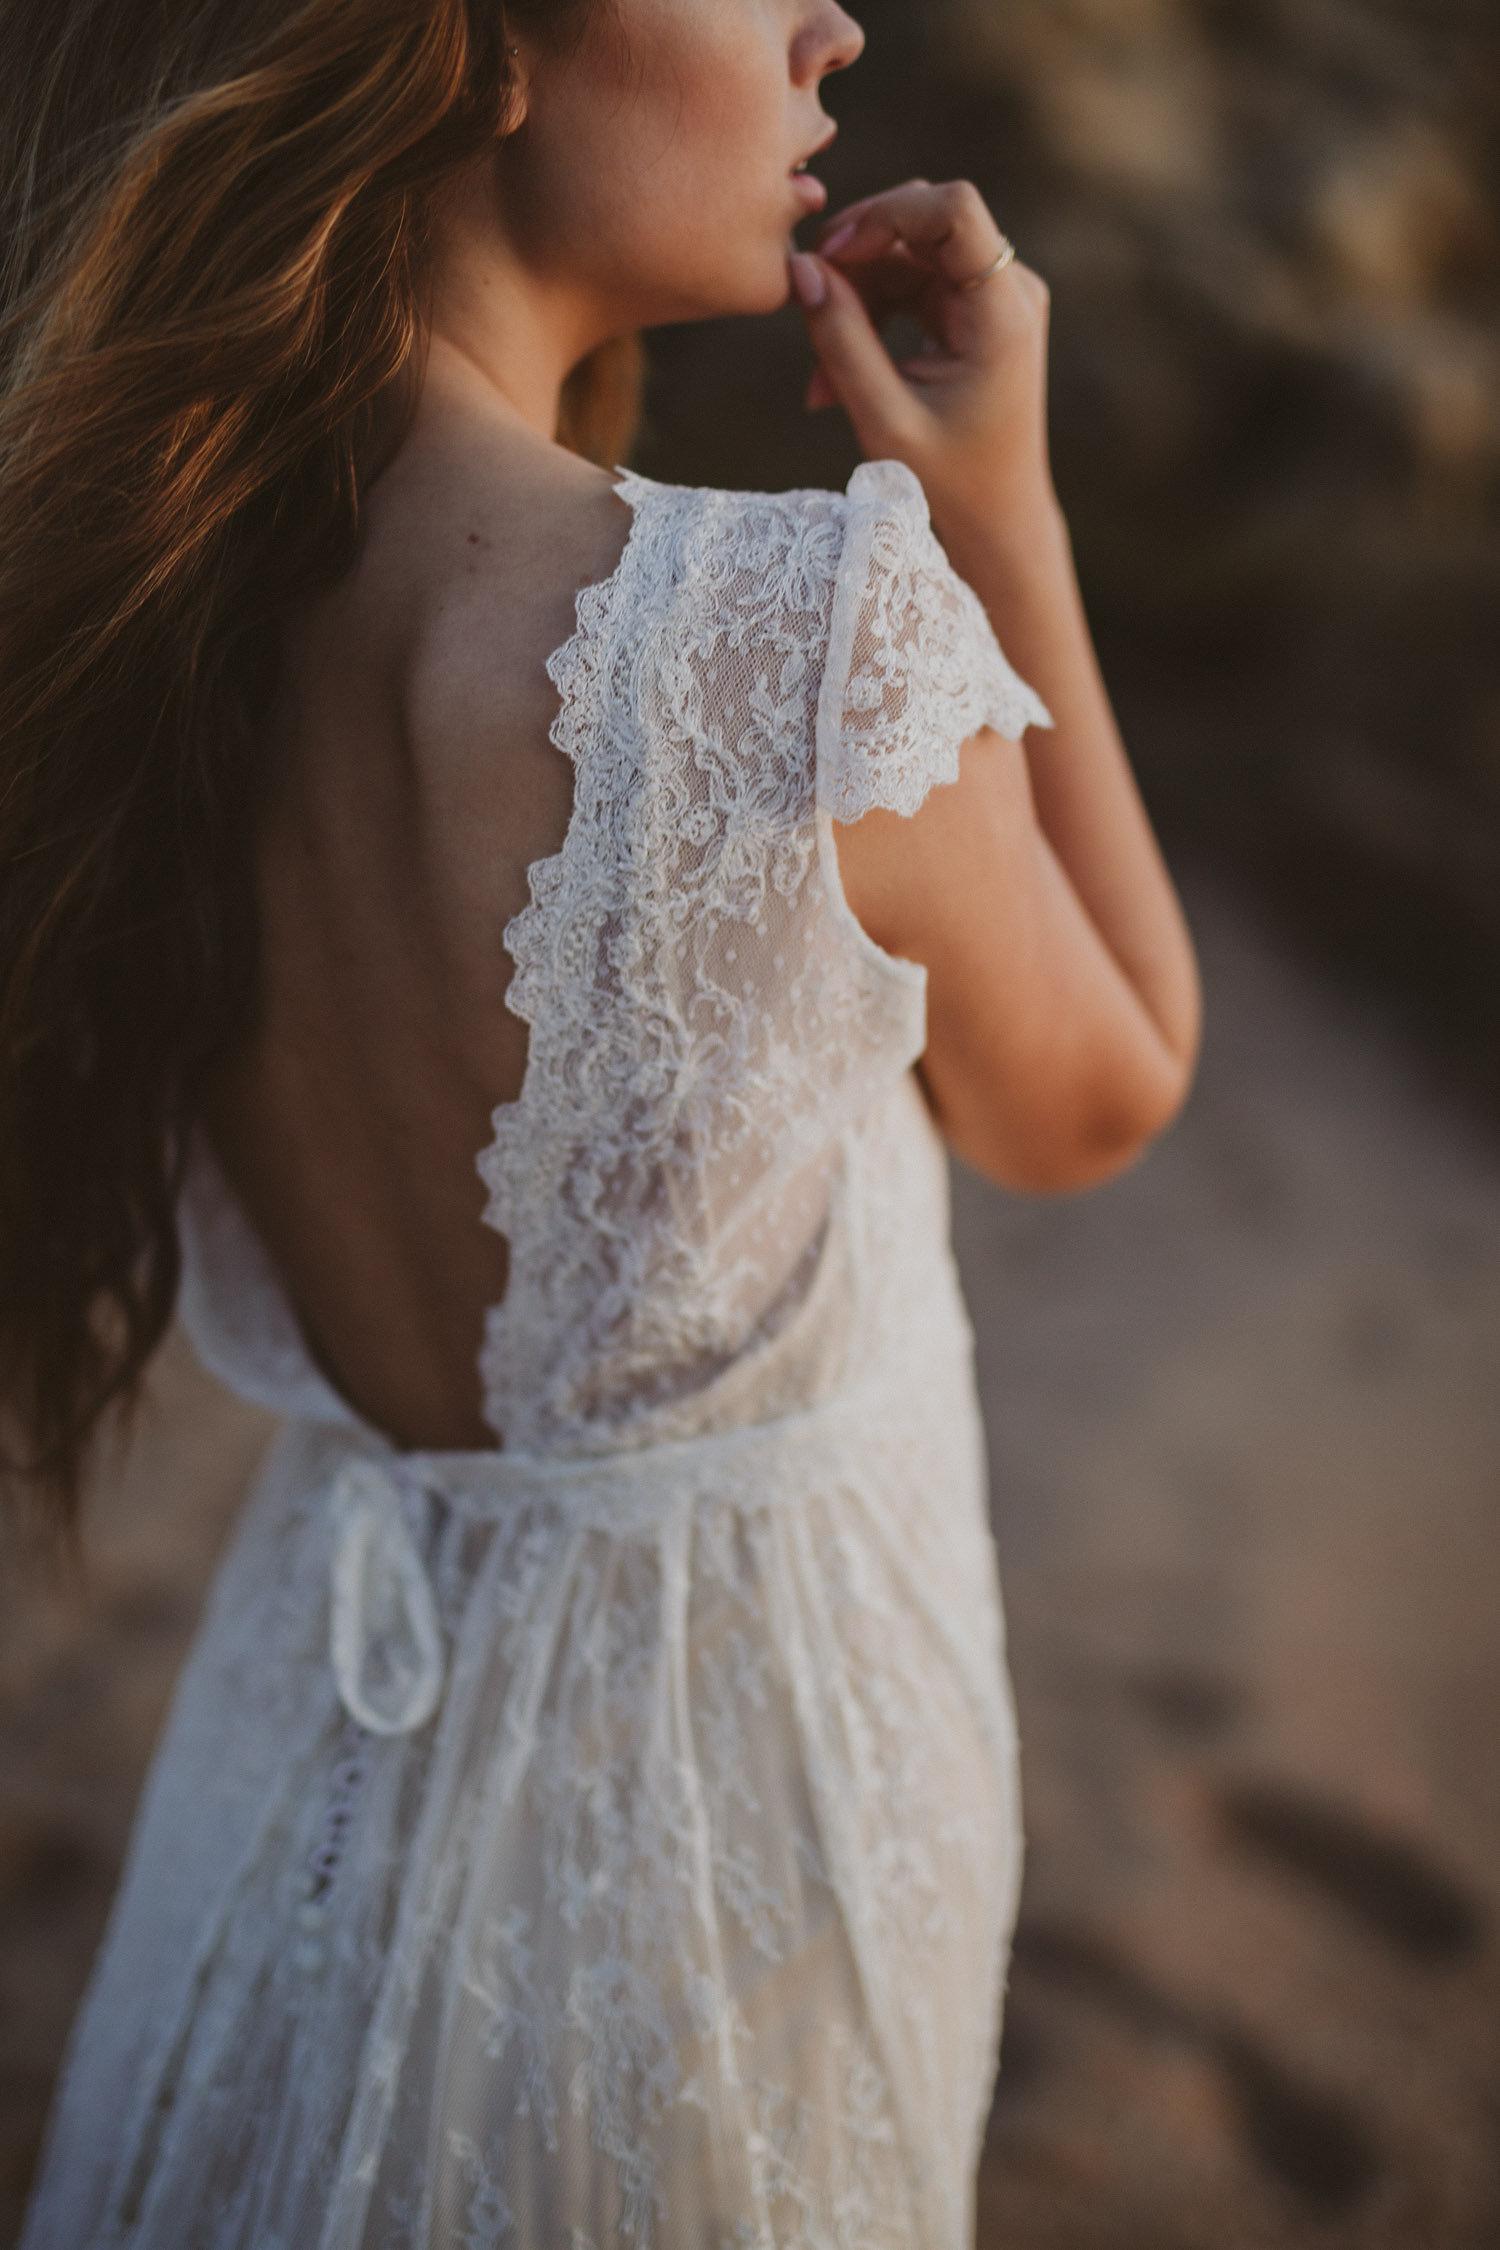 calista-one-lista-de-bodas-online-blog-de-bodas-inspiracion-vestidos-de-novia-7